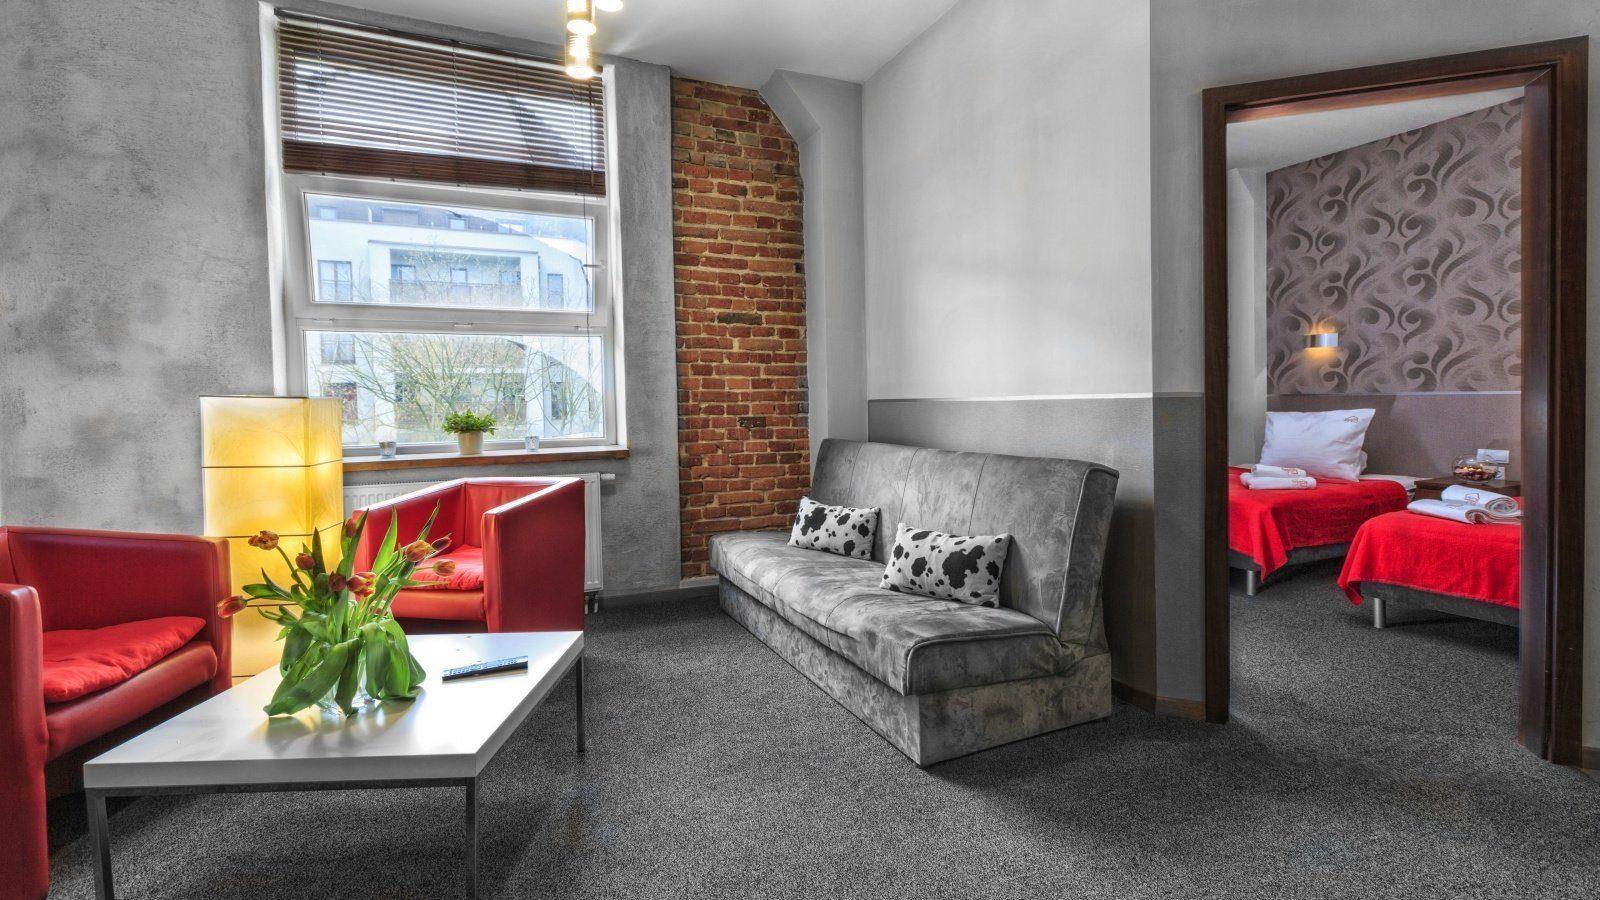 Zarezerwuj pobyt w apartamentach Aparts w Łodzi